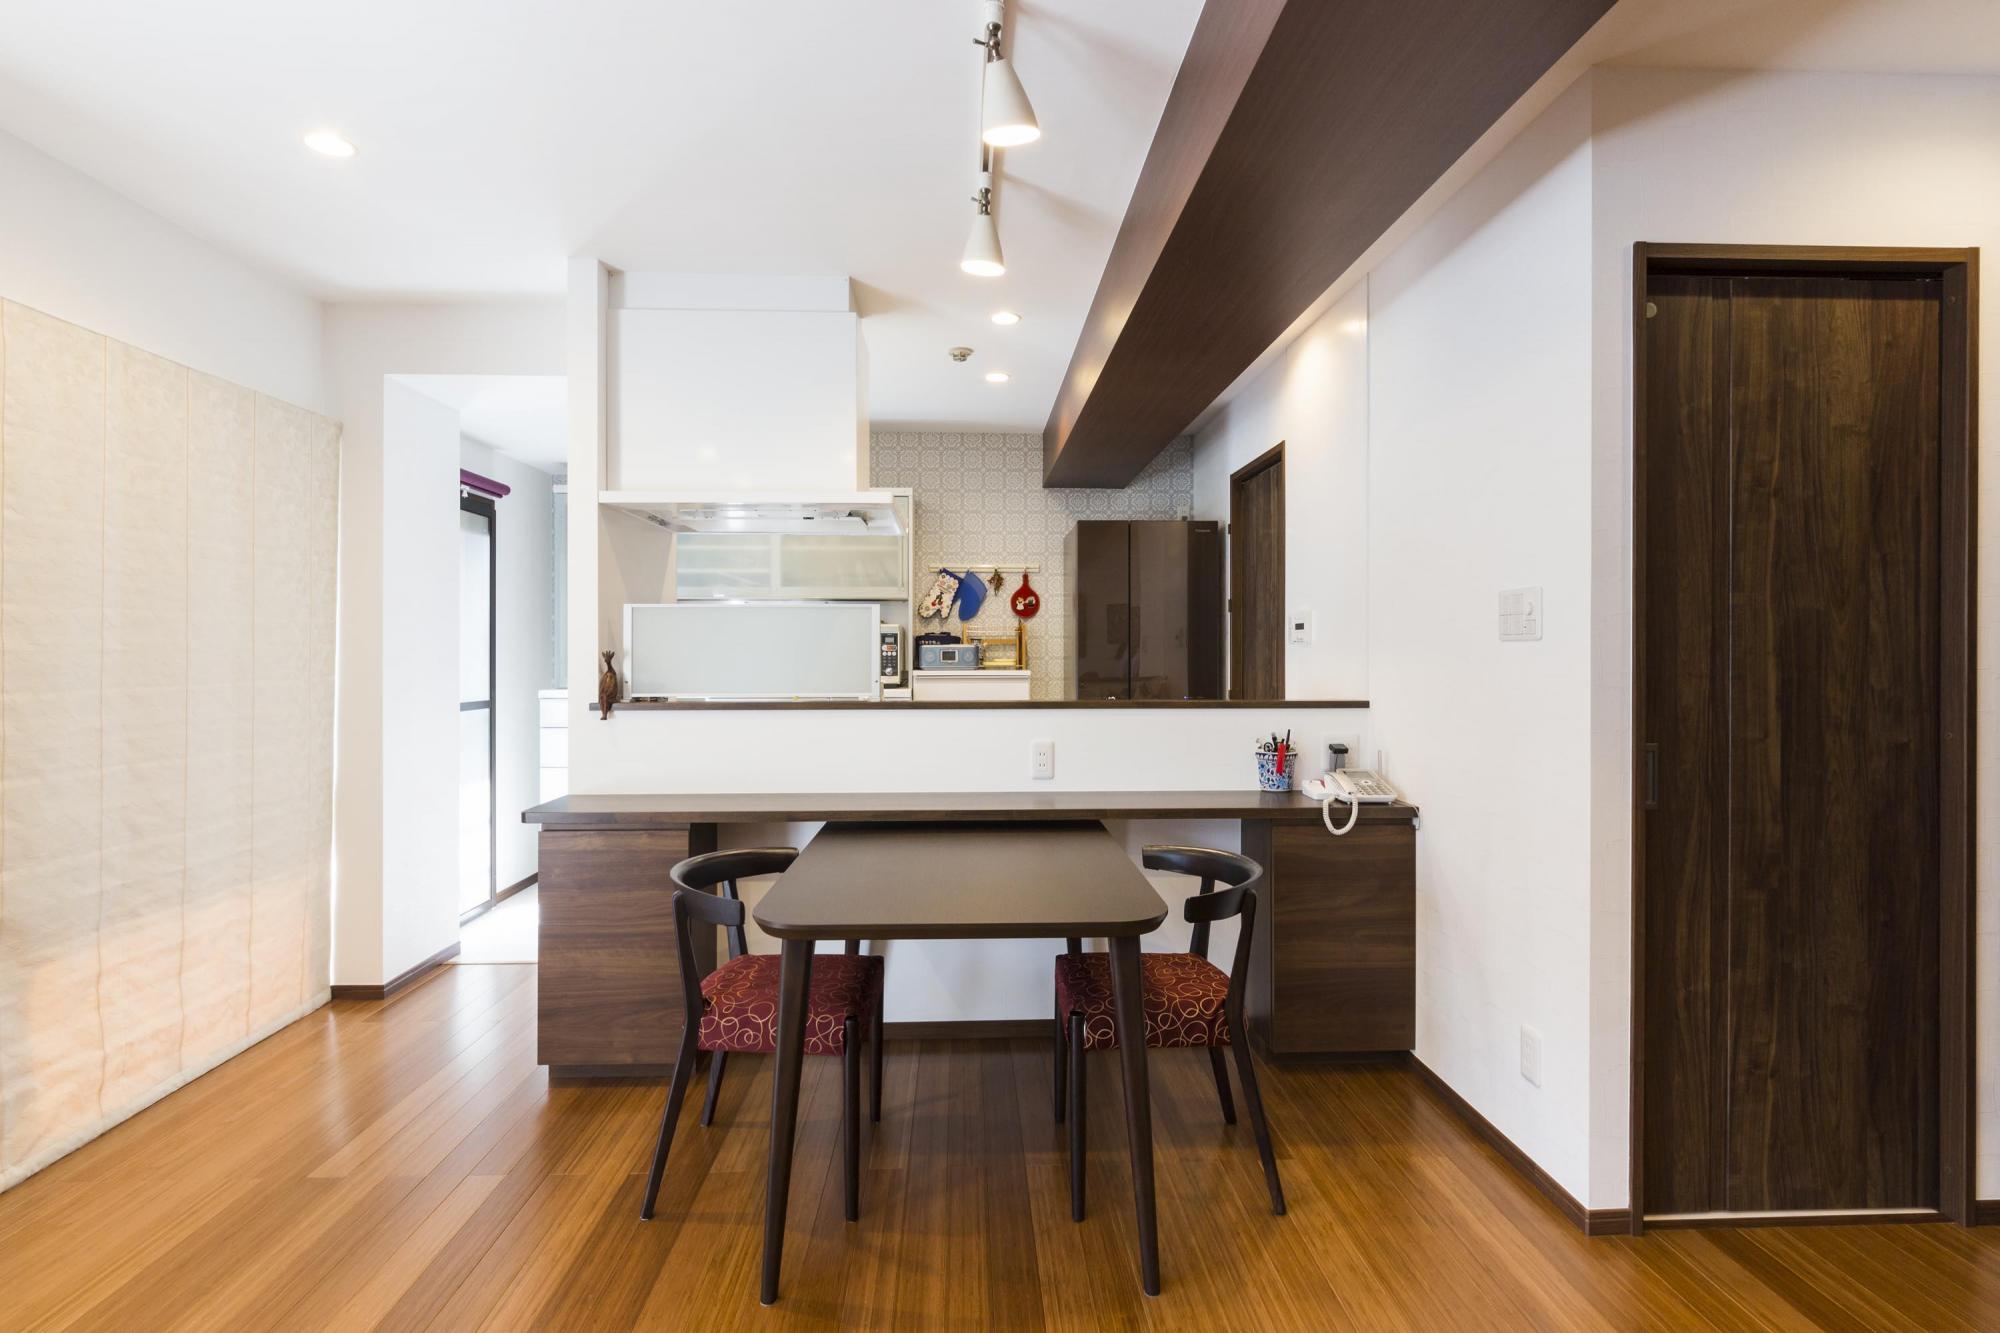 壁付けだったキッチンを対面式にしてカウンターも設けた。キッチンの手元は隠しているので、片付けに気を使うこともない。正面に見えるカップボード後ろの壁はアクセントクロスにして、インテリアに変化をつけた。